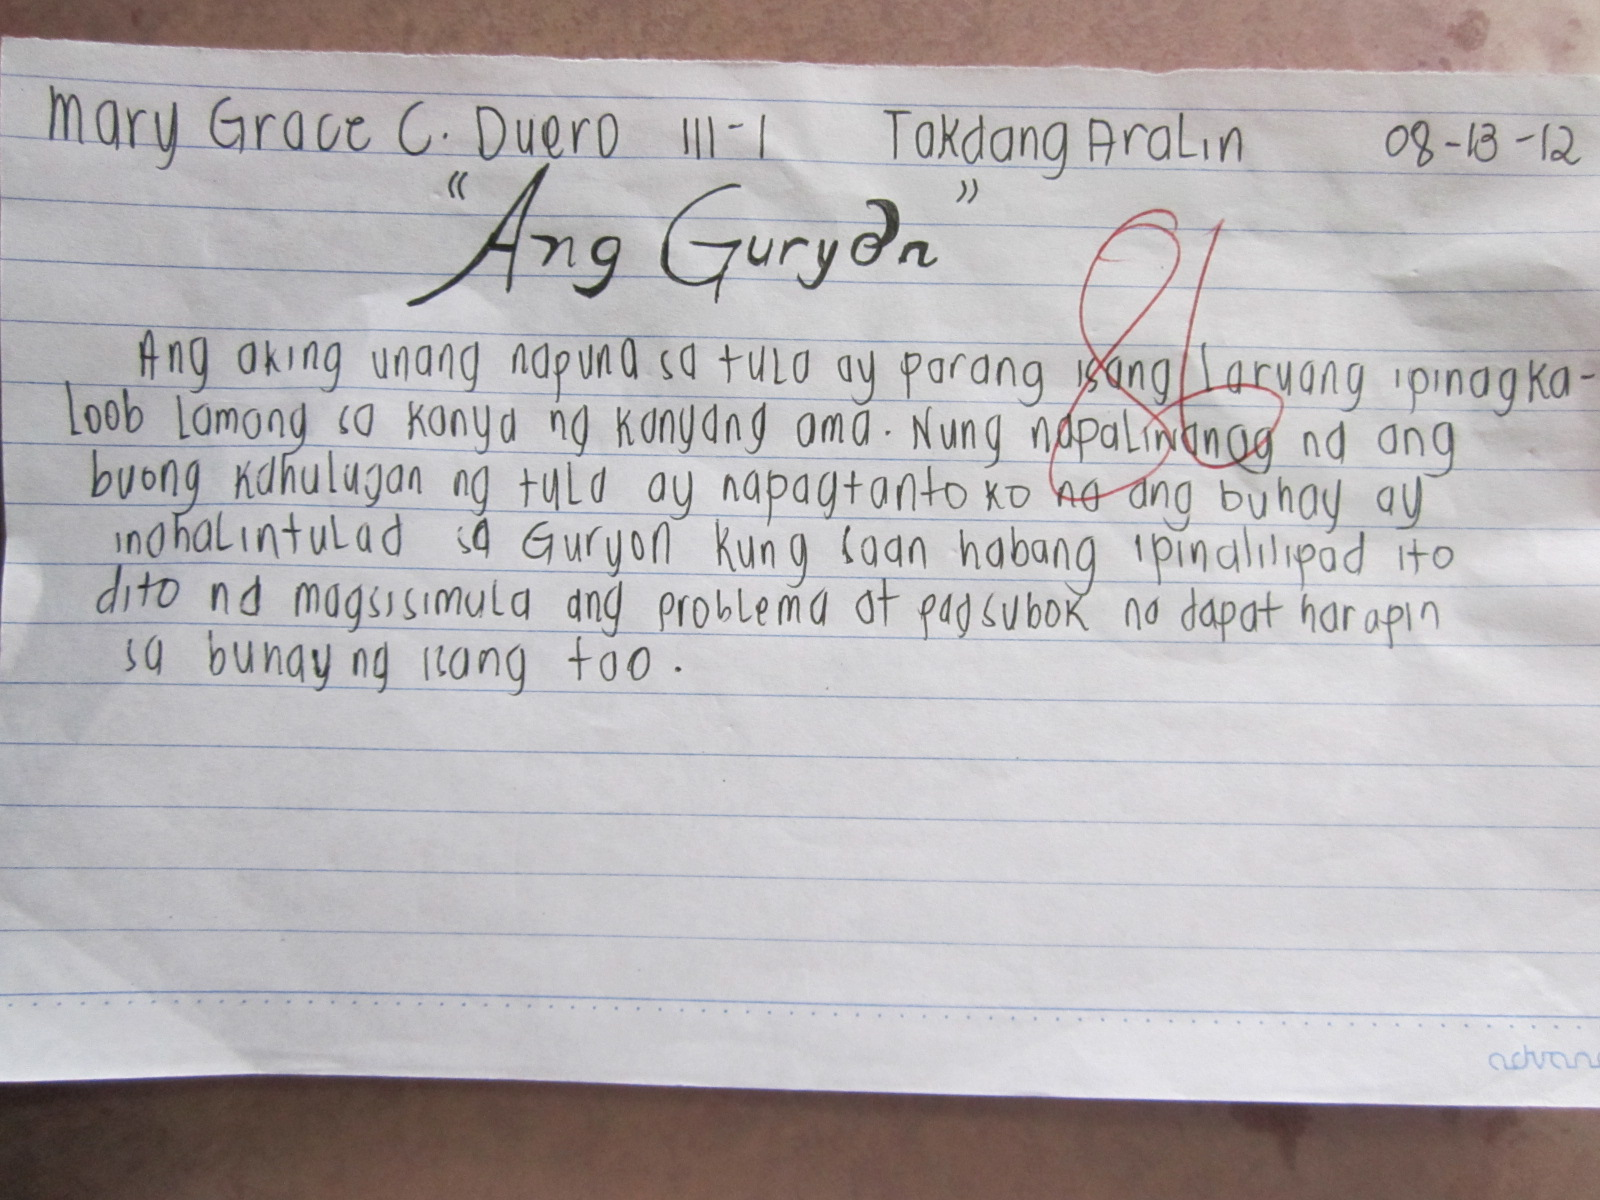 tula ni guryon Ang ilan sa kanyang mga tula na mababanggit ay tatlong inakay, gabi, ang  guryon, sa tabi ng dagat, ulap at mangingisda may mga tanaga.